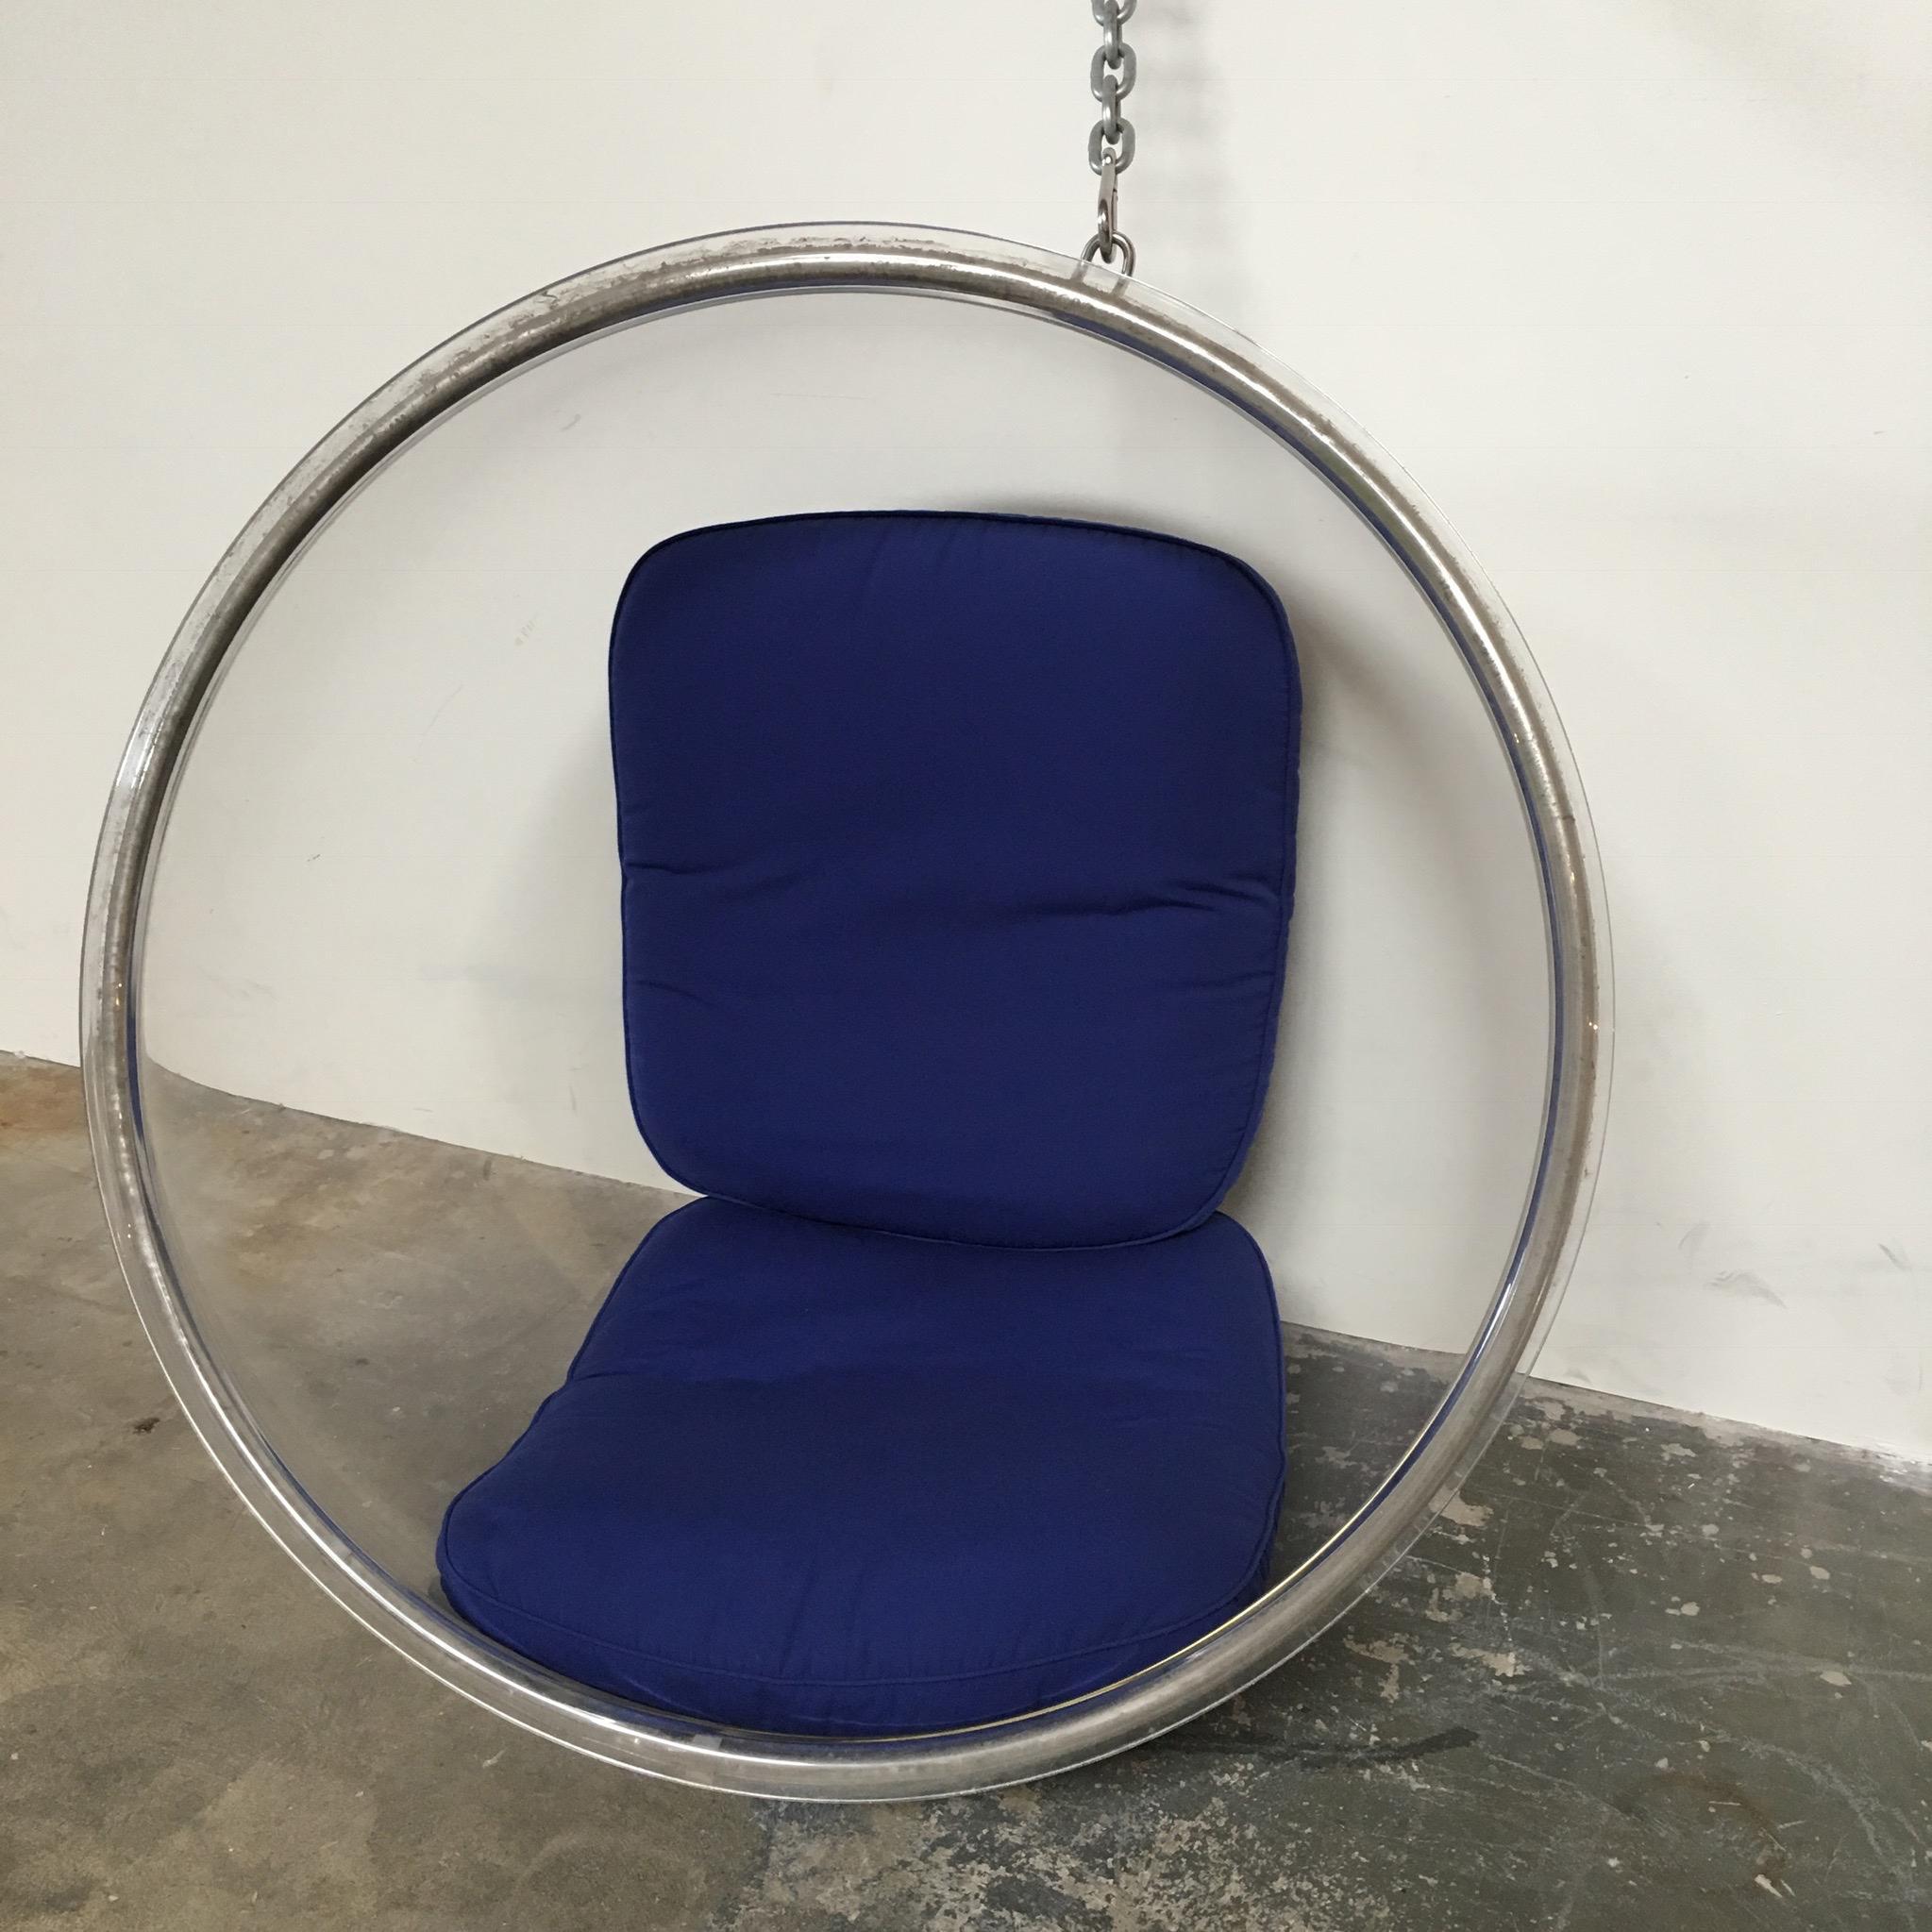 eero aarnio plushpod hanging bubble chair image 4 of 8